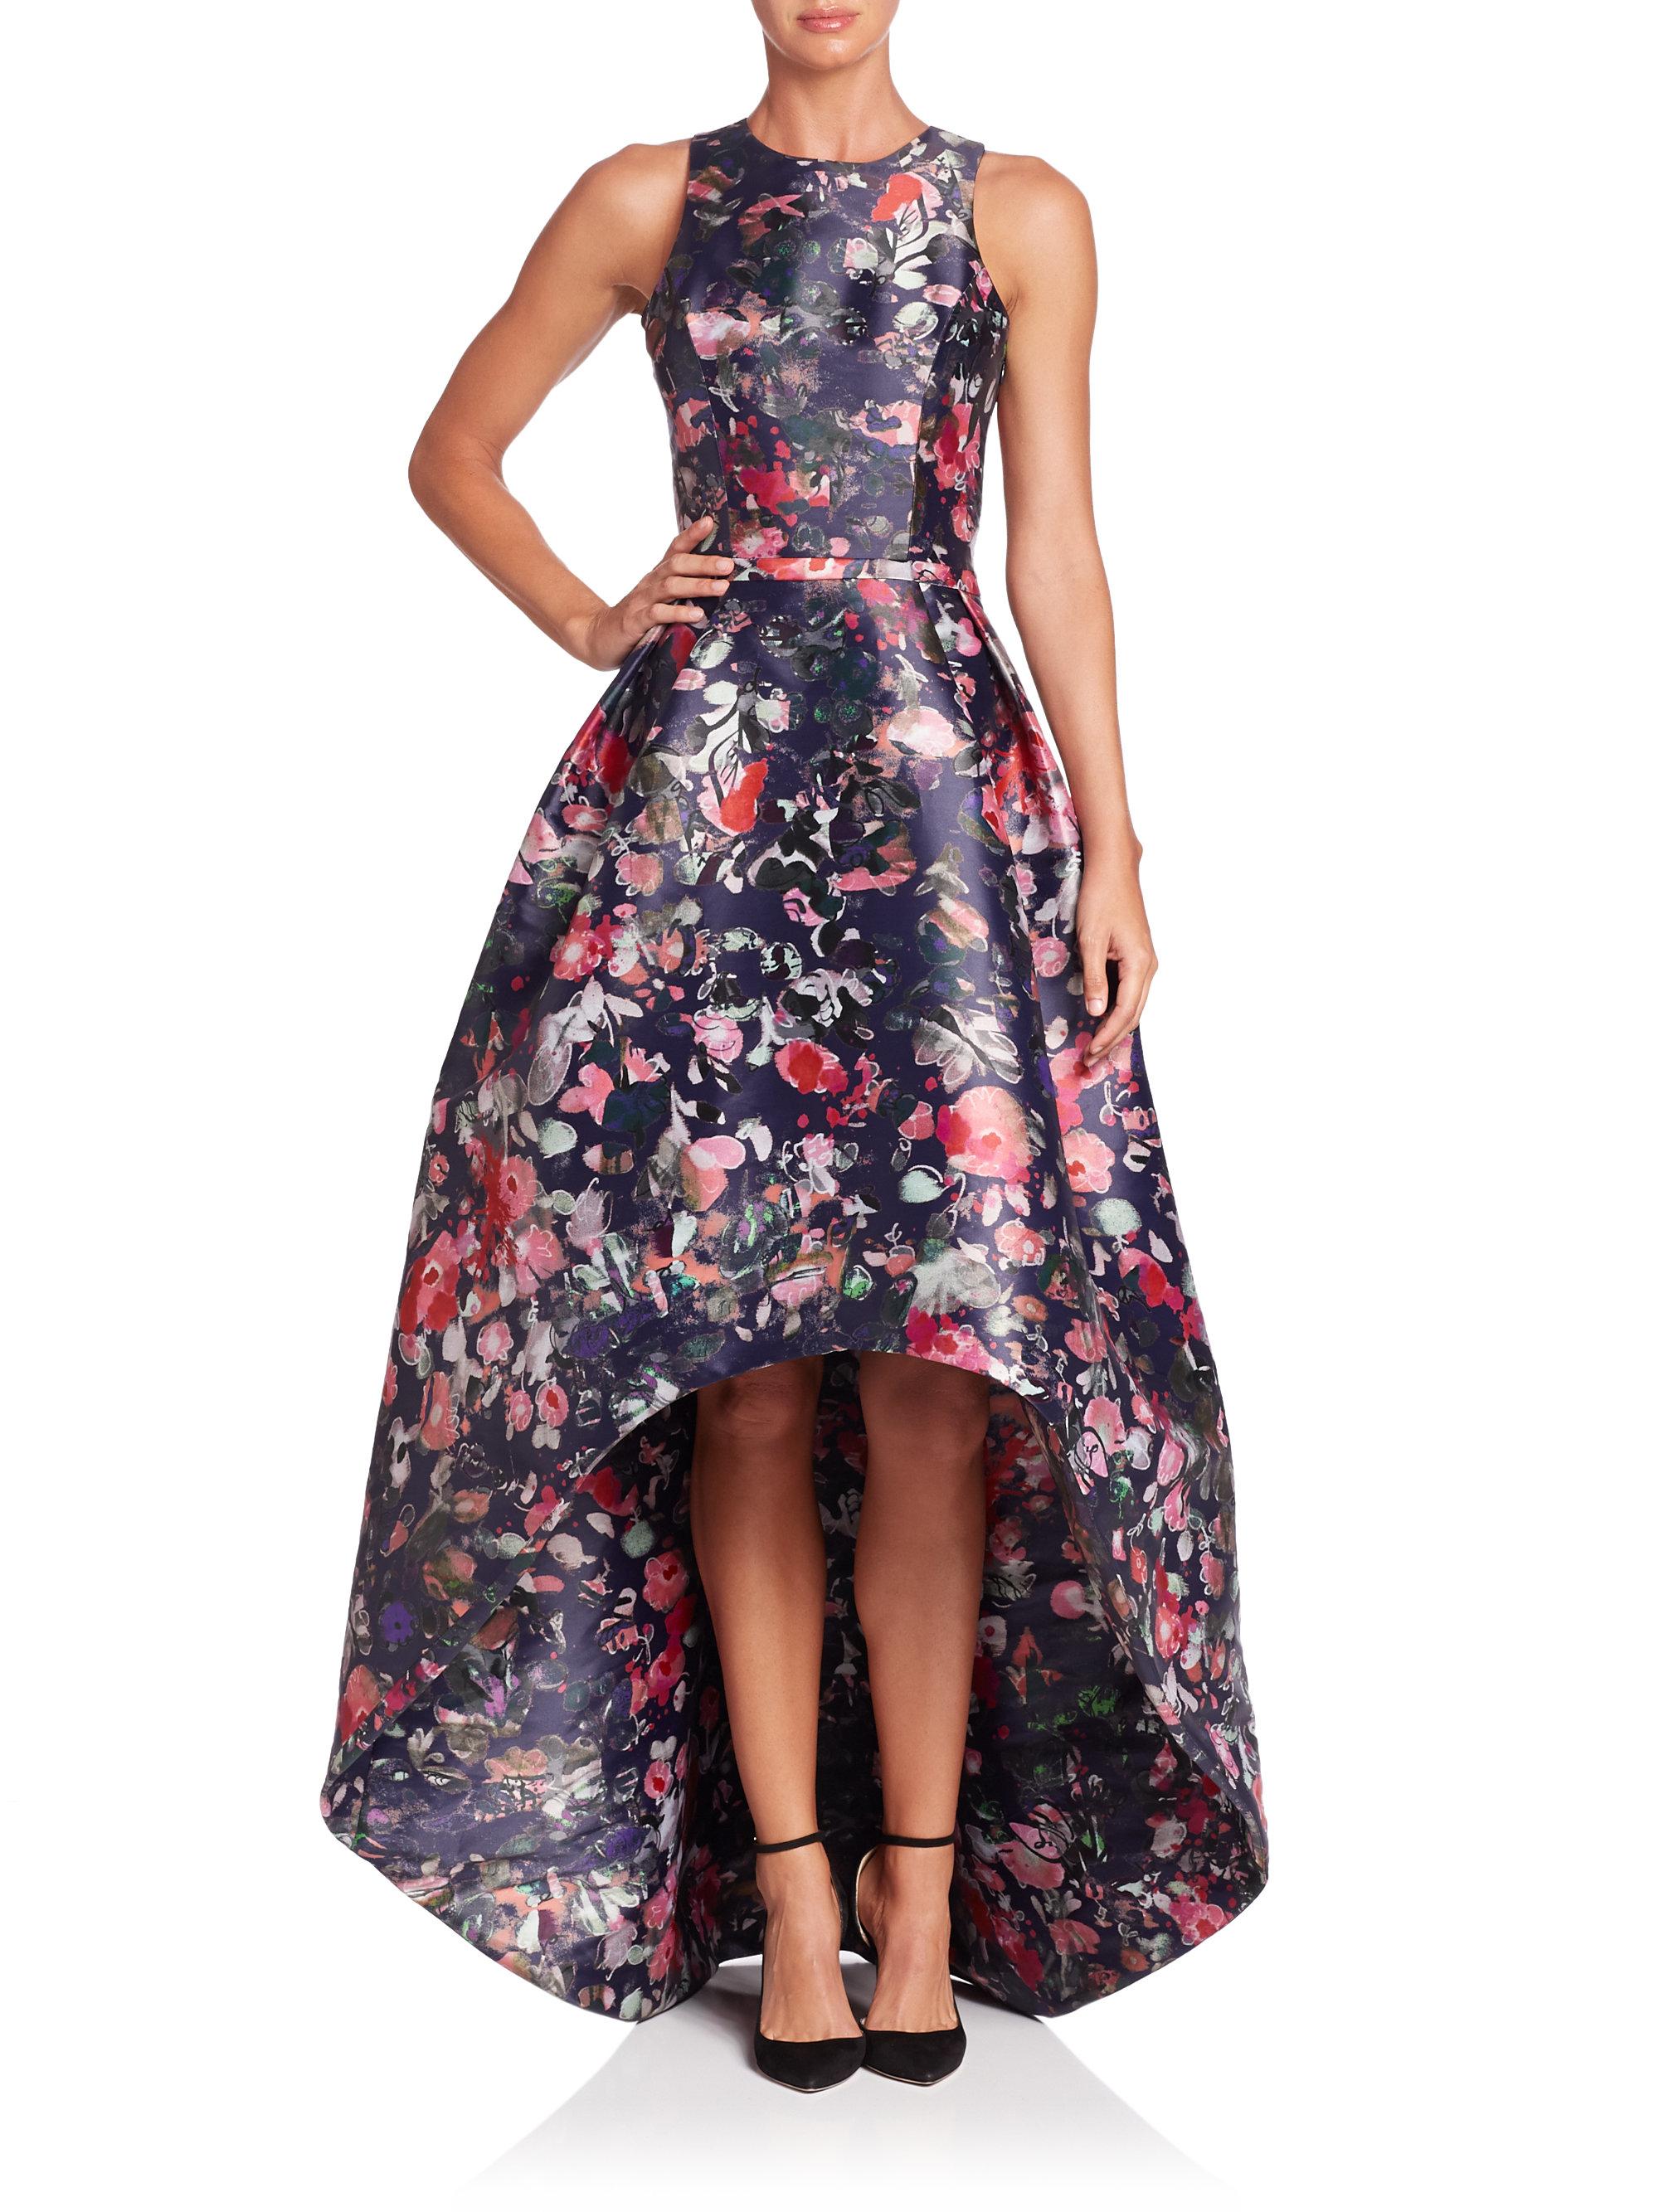 Monique Lhuillier High Low Dress – Dresses for Woman